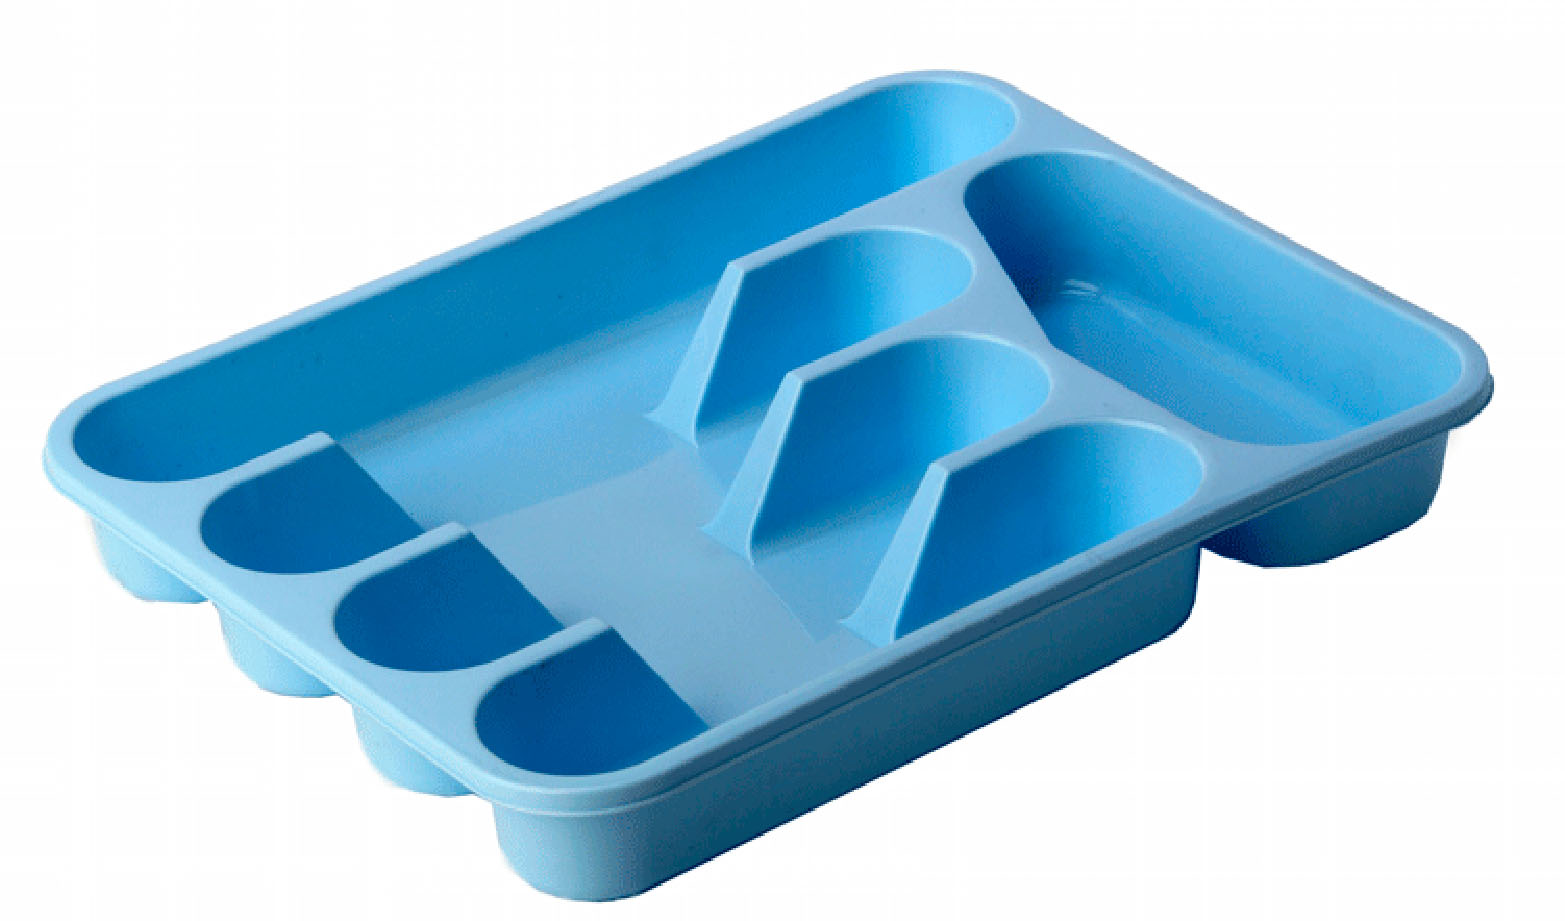 Лоток для столовых приборов Idea, цвет: голубой, 33 х 26 смВетерок 2ГФЛоток для столовых приборов Idea изготовлен из прочного пластика. Изделие имеет 3 одинаковых секции для столовых ложек, вилок и ножей, секцию для чайных ложек и длинную секцию для различных кухонных принадлежностей. Лоток помещается в любой кухонный ящик.